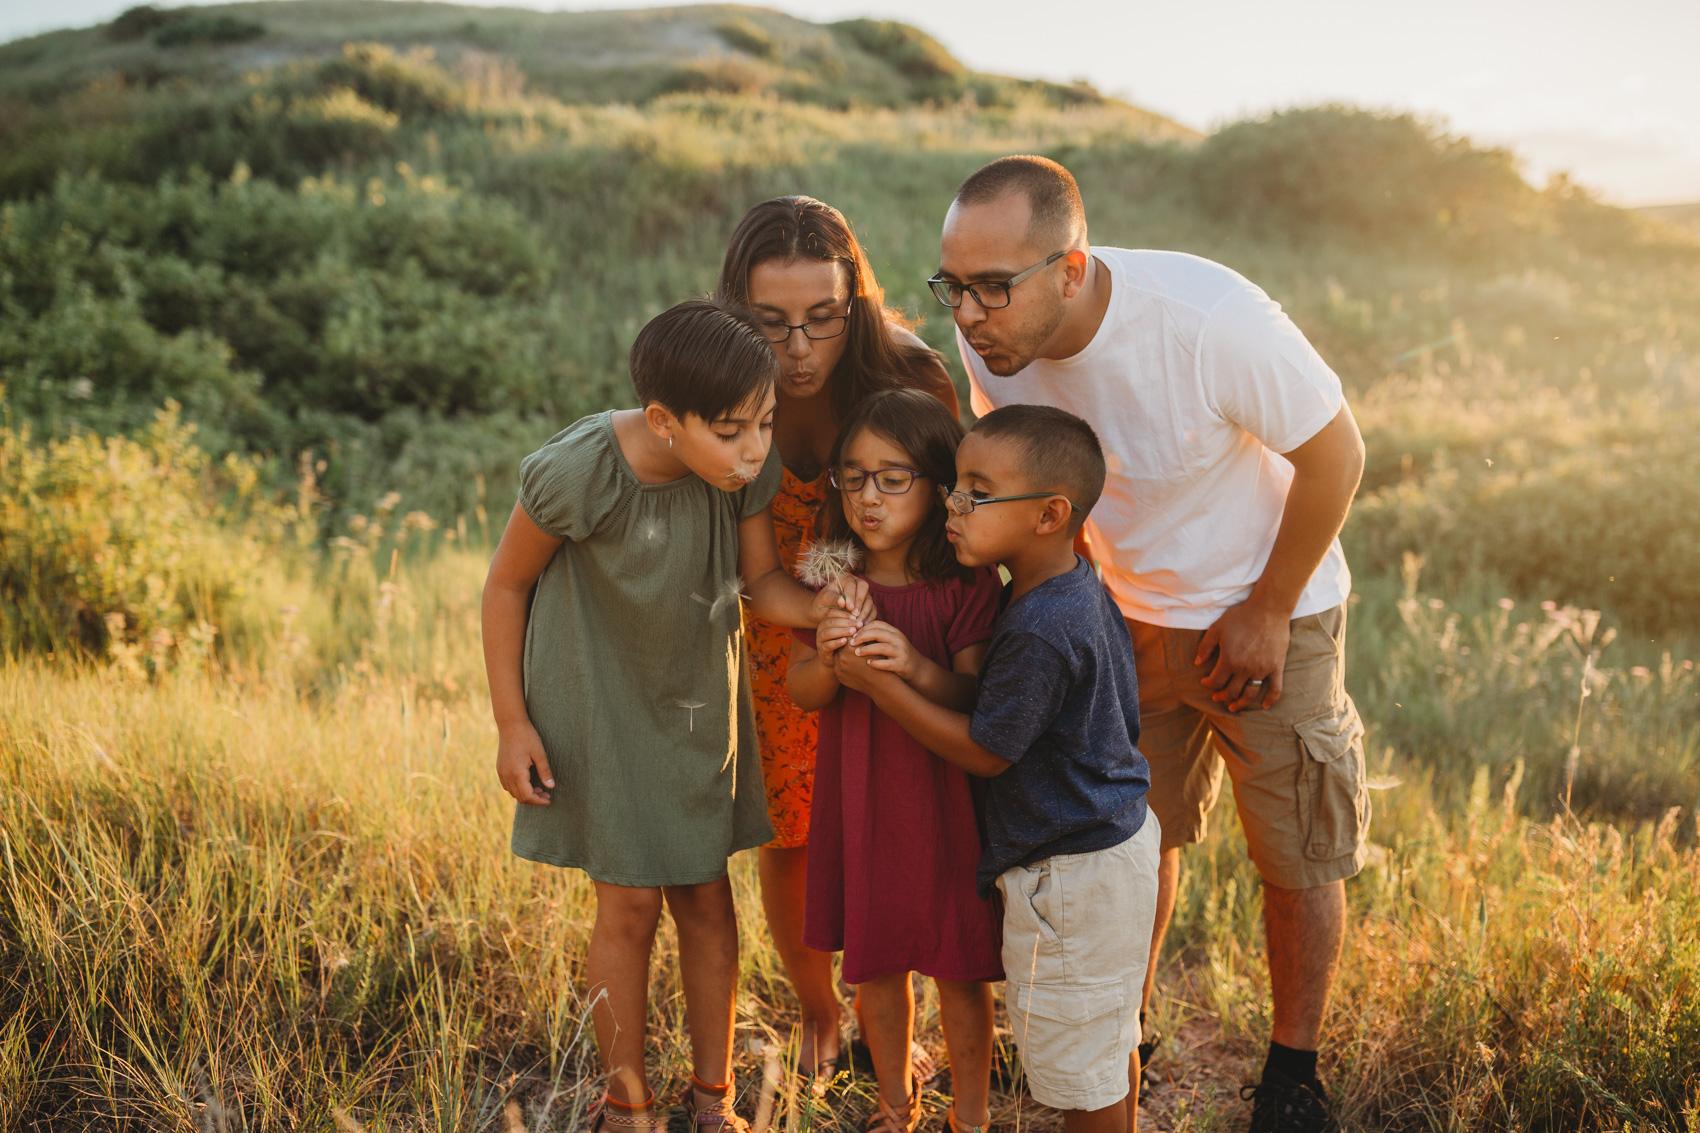 Sandoval_Great-Falls-Montana-Family-Photos-4.jpg